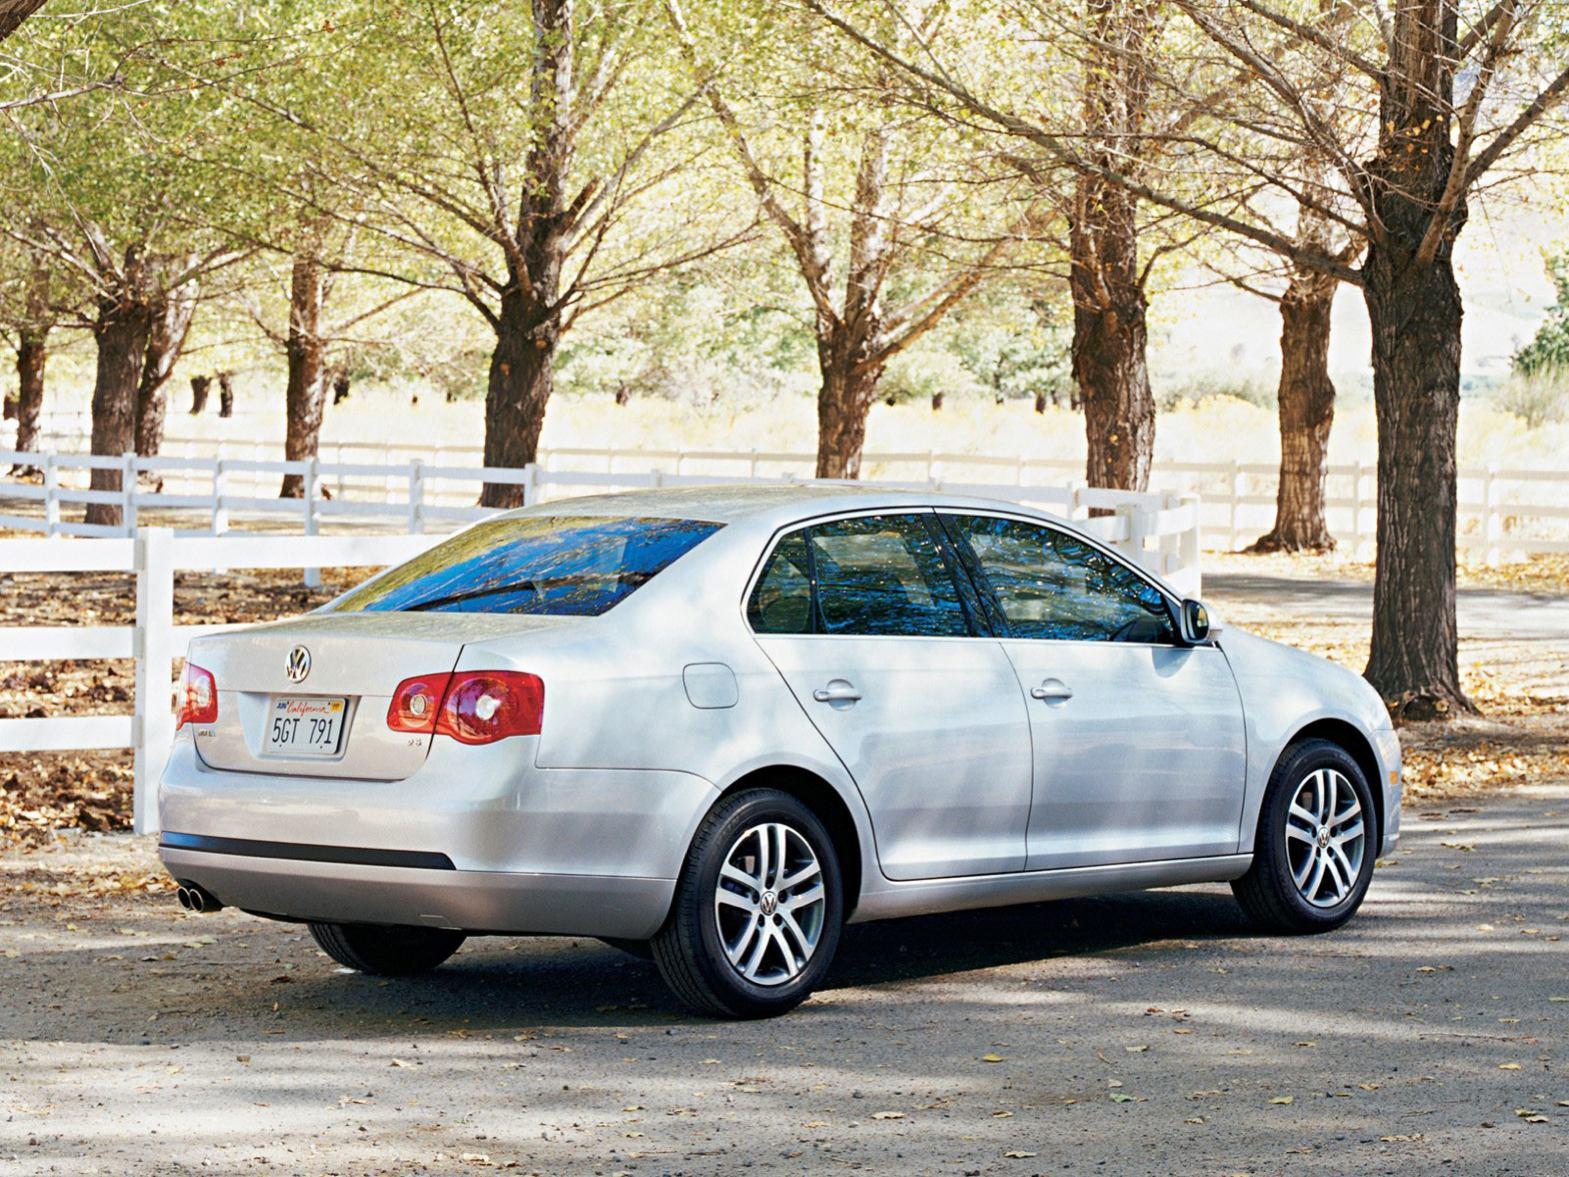 Volkswagen Jetta photo